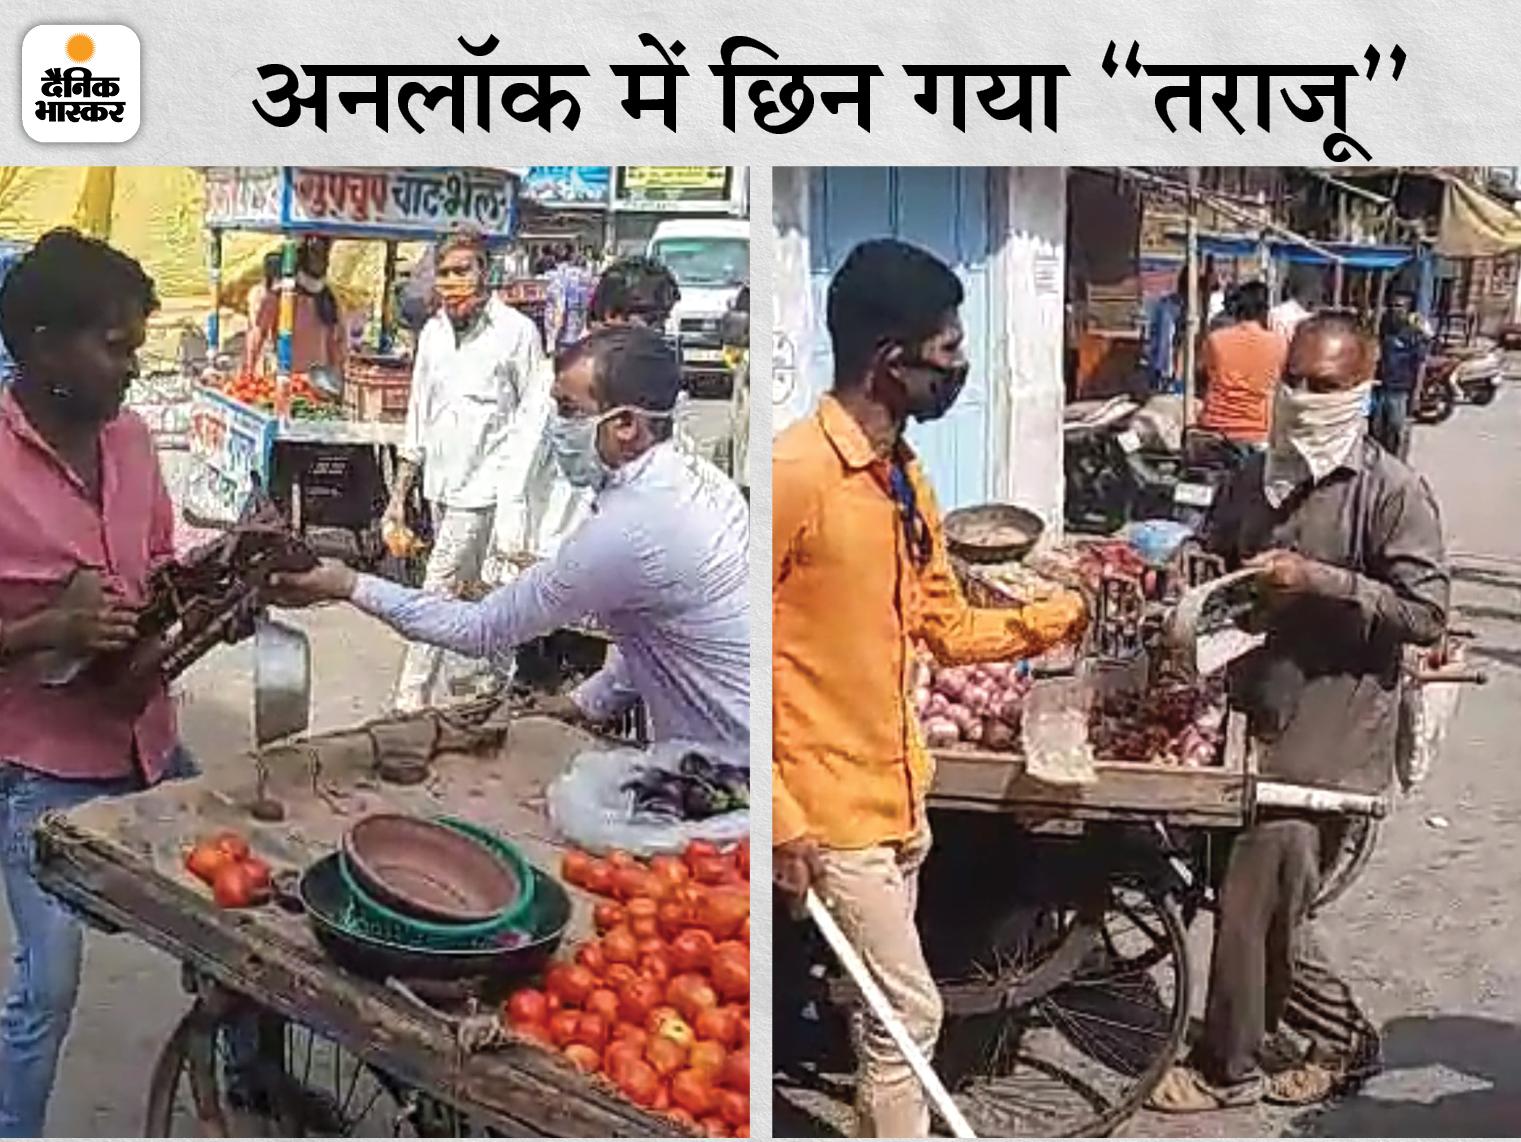 शास्त्री बाजार के पास ठेले वालों को खदेड़ा, तराजू भी छीन लिया; कारोबारियों ने घेरा तो कहा- सोशल डिस्टेंसिंग का पालन करा रहे हैं|रायपुर,Raipur - Dainik Bhaskar